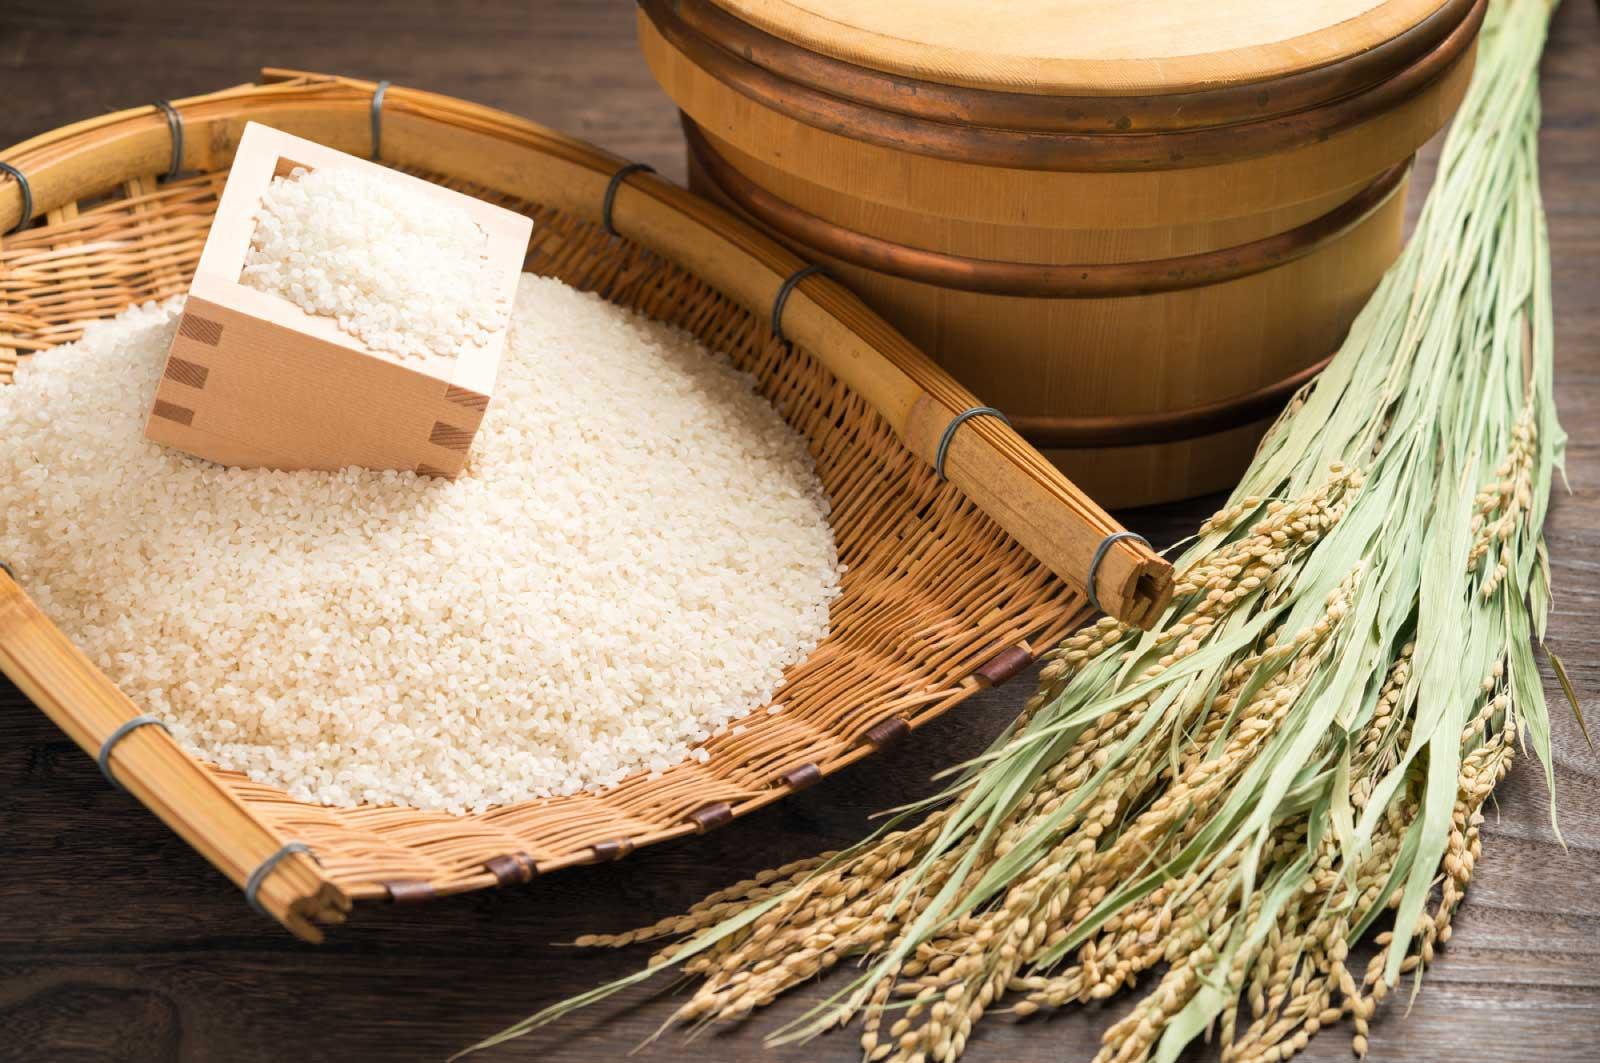 長野のお米の評価は年々高まっている